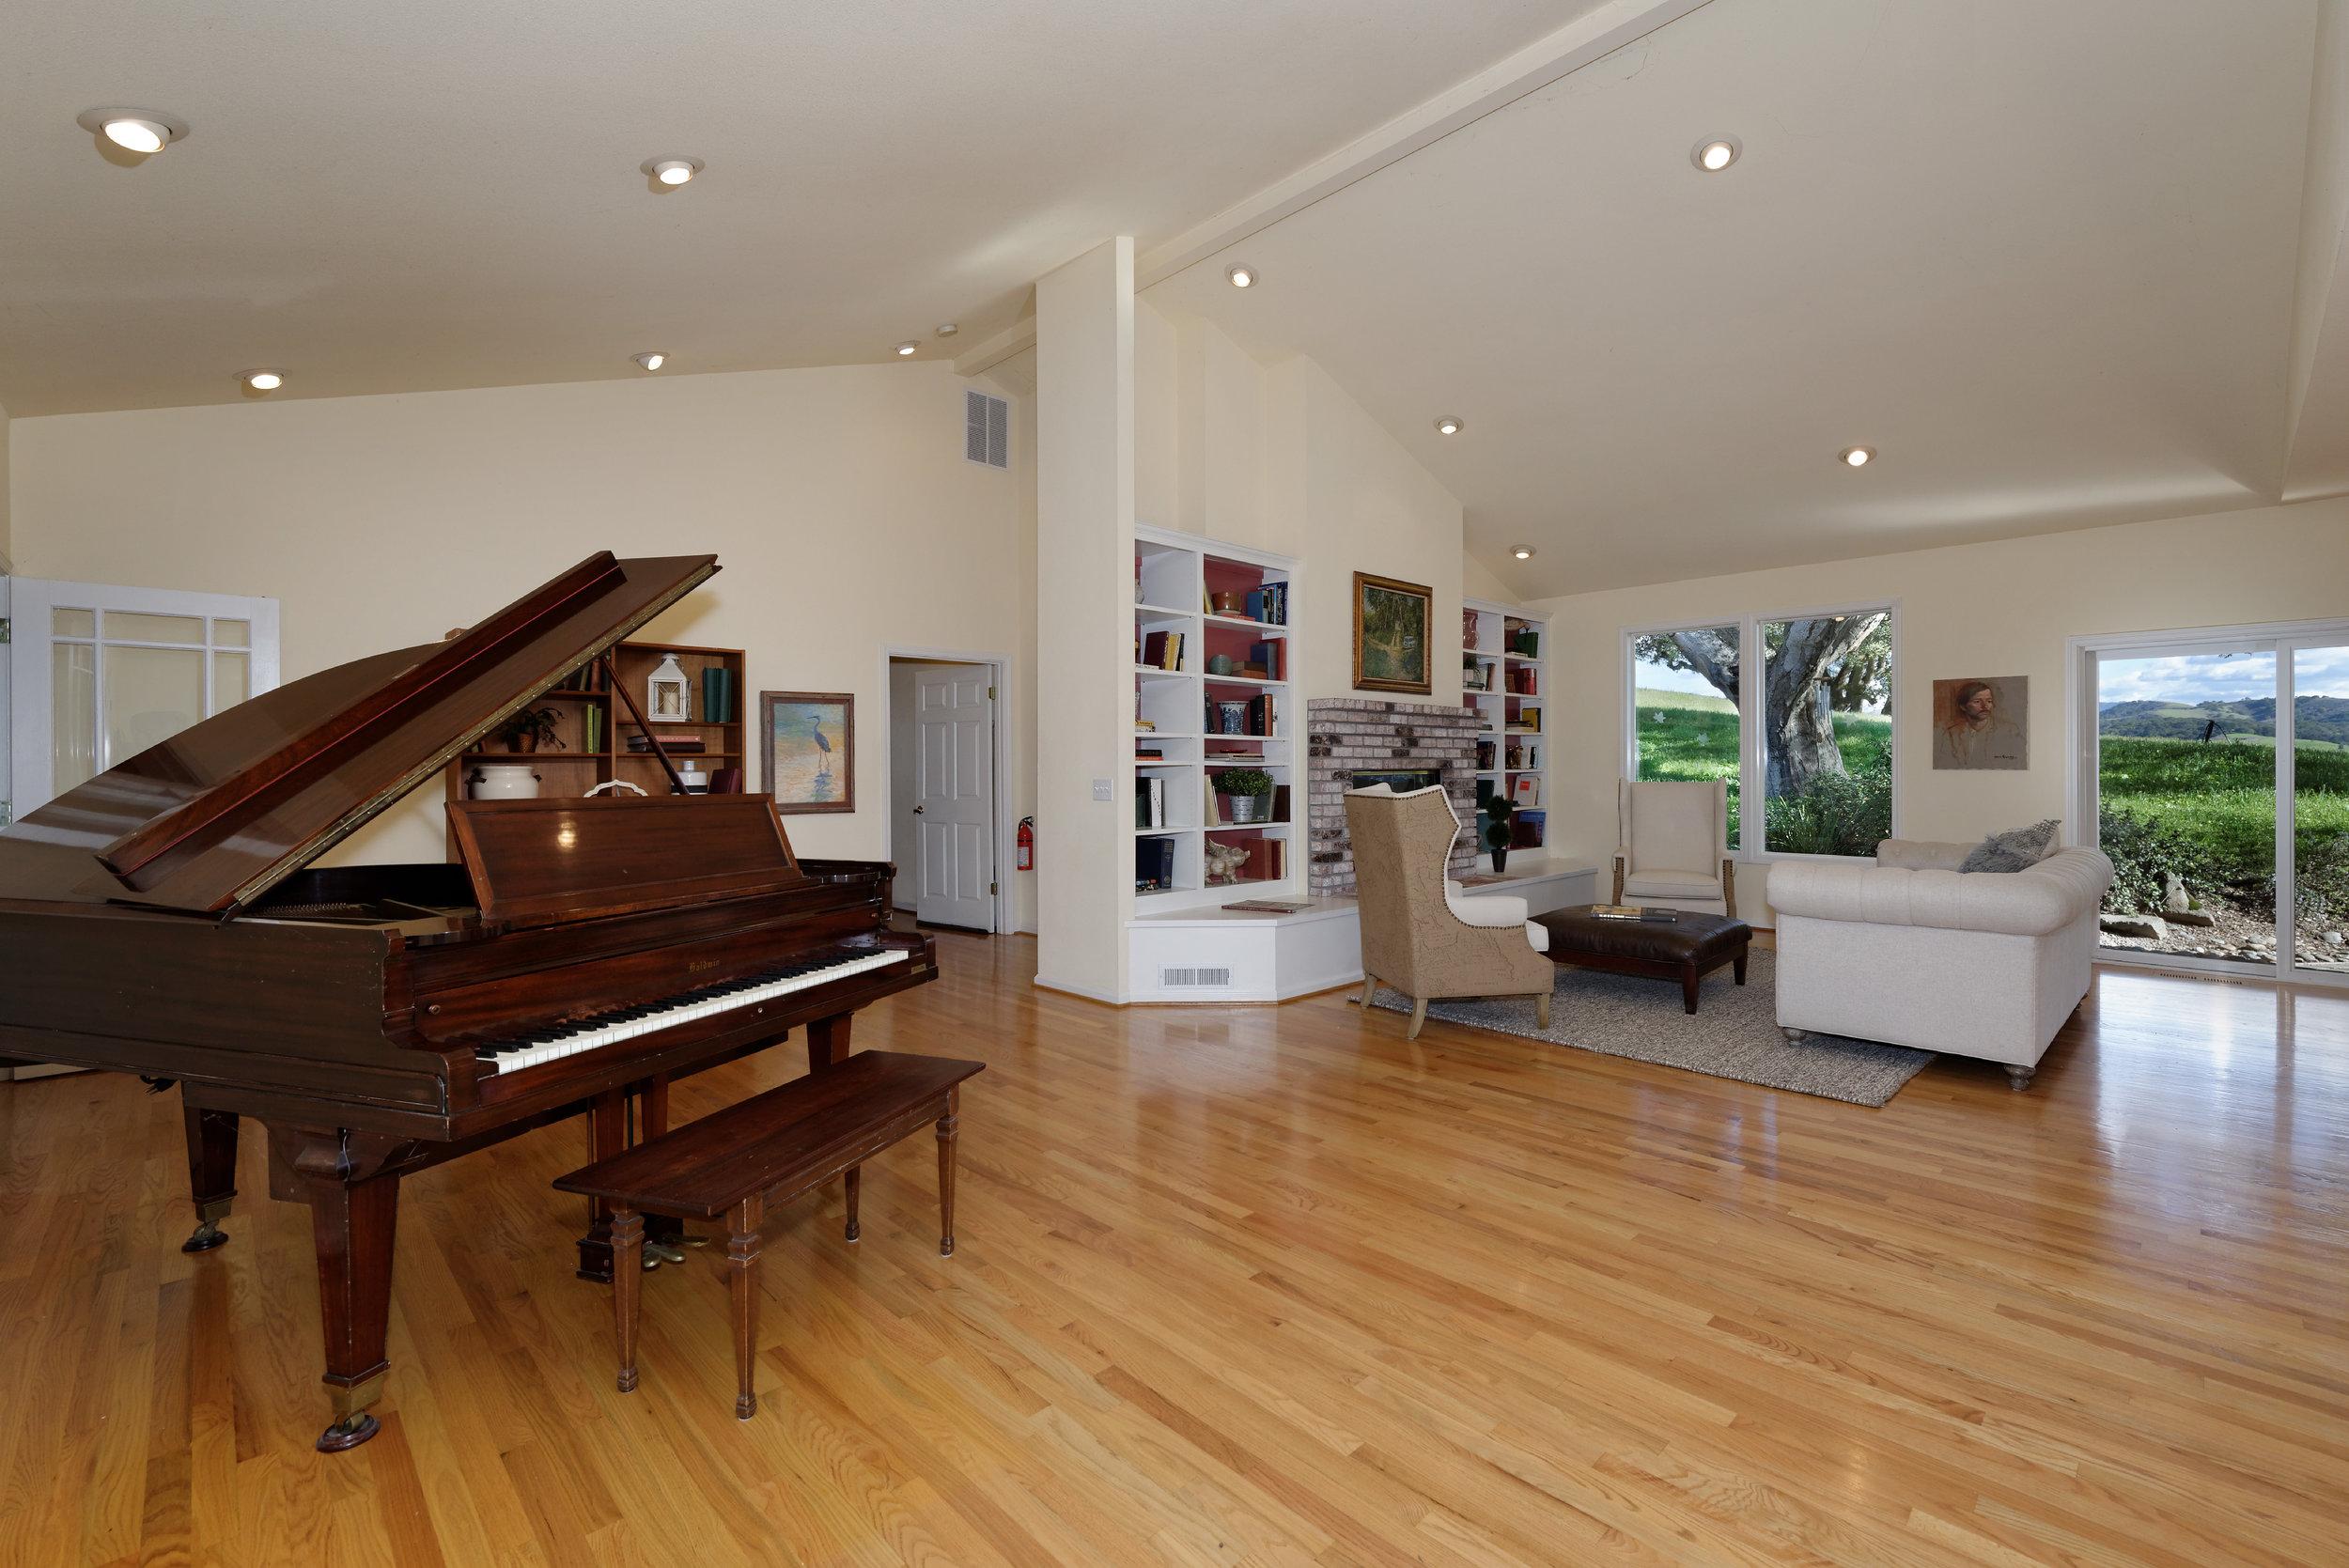 Piano_706 Carpenteria R_Ducky Grabill Real Estate.jpg